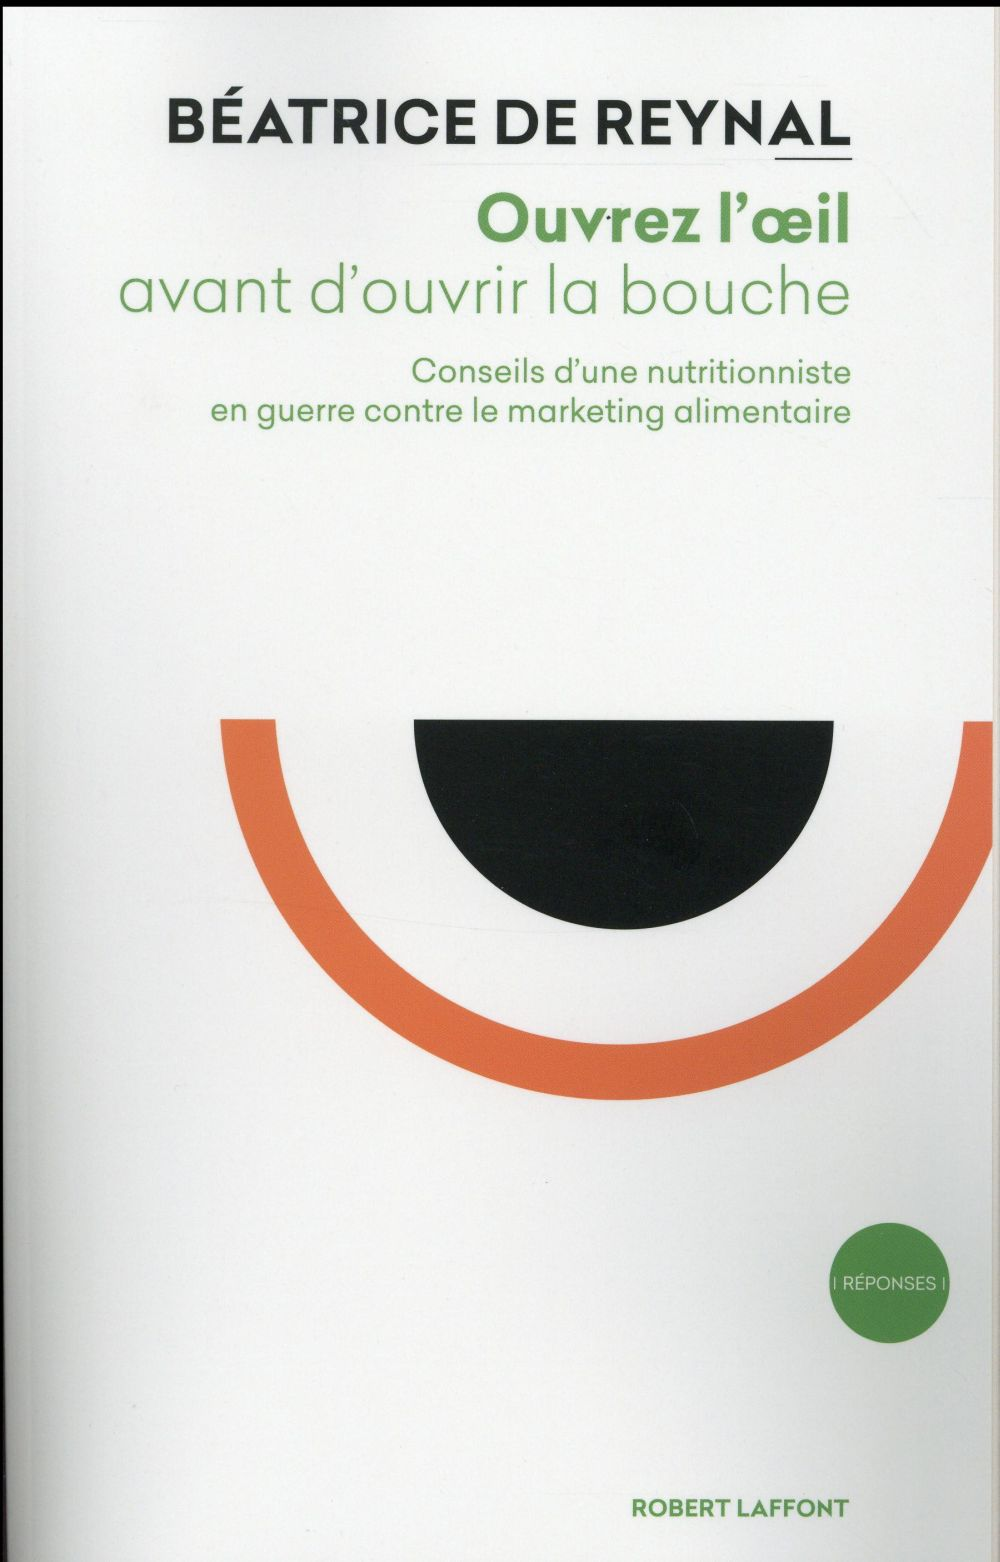 OUVREZ L'OEIL AVANT D'OUVRIR LA BOUCHE